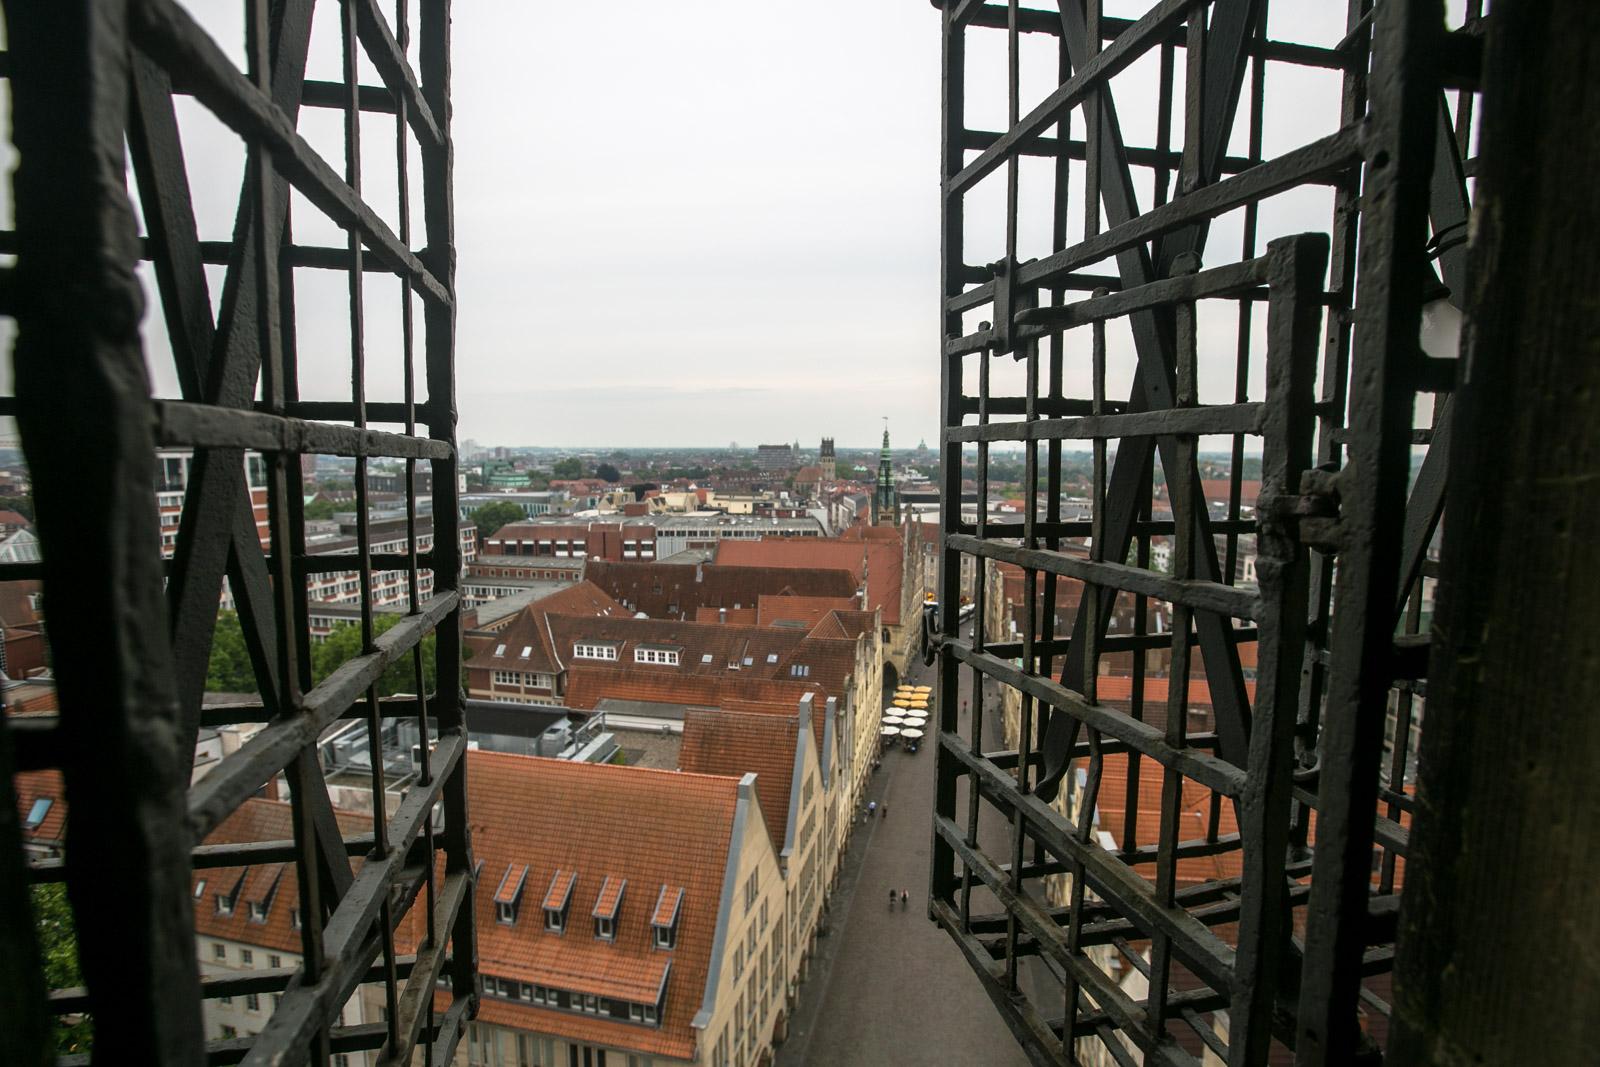 Mein Besuch bei der Türmerin in Münster, St. Lamberti, Traditionen, Turmbesichtigung,Mein Besuch bei der Türmerin in Münster, St. Lamberti, Traditionen, Turmbesichtigung